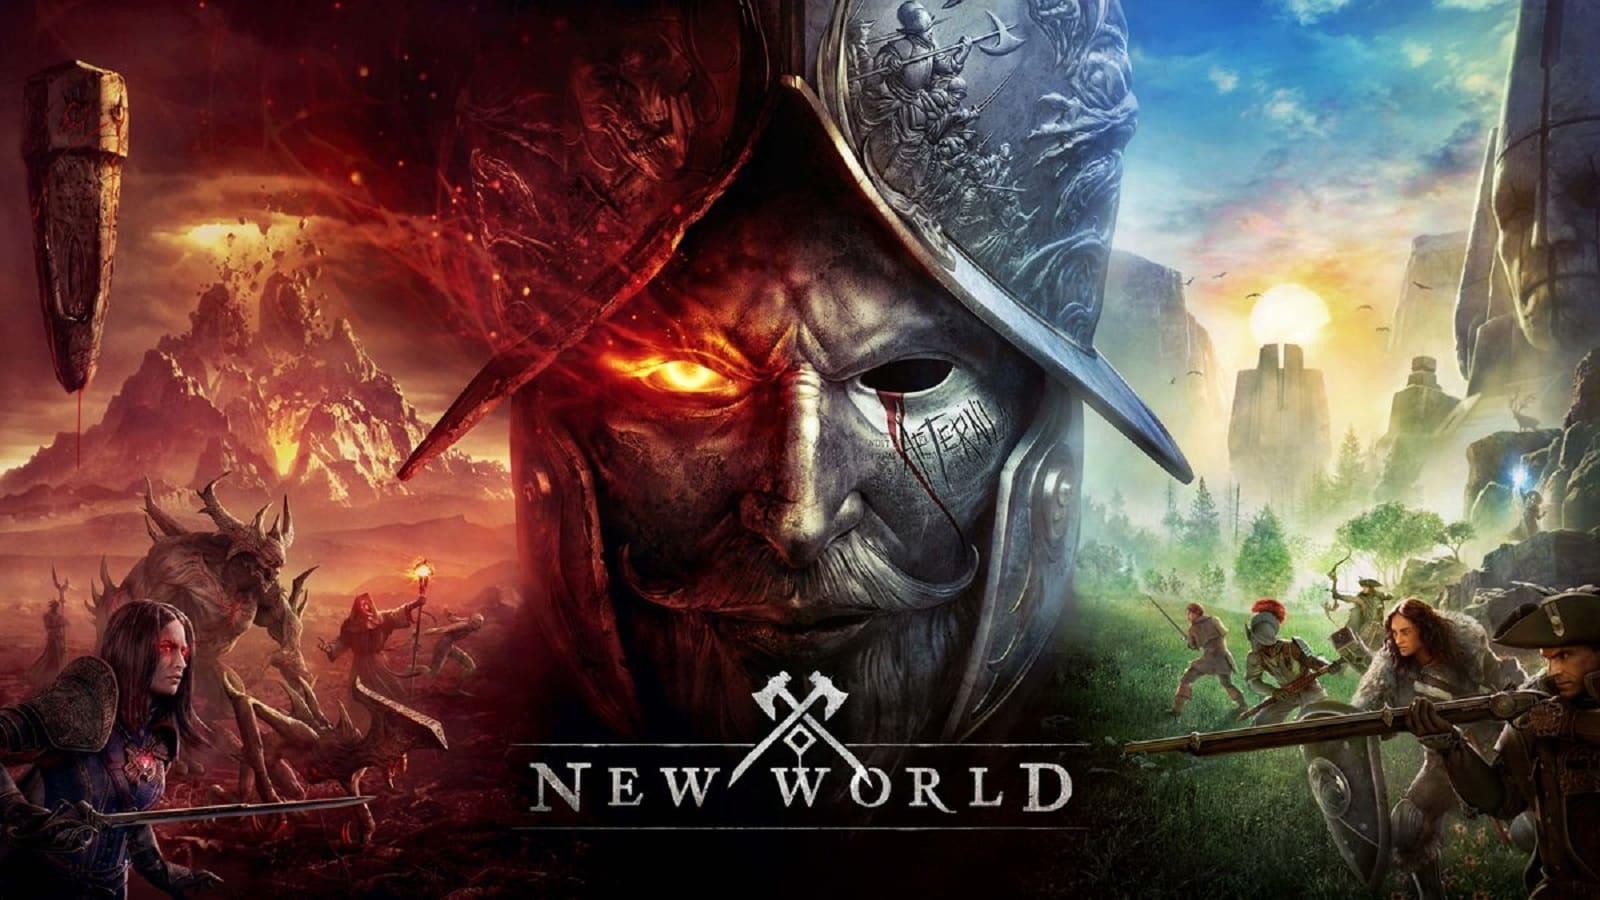 أمازون تعلن عن البيتا المفتوحة للعبة New World في سبتمبر